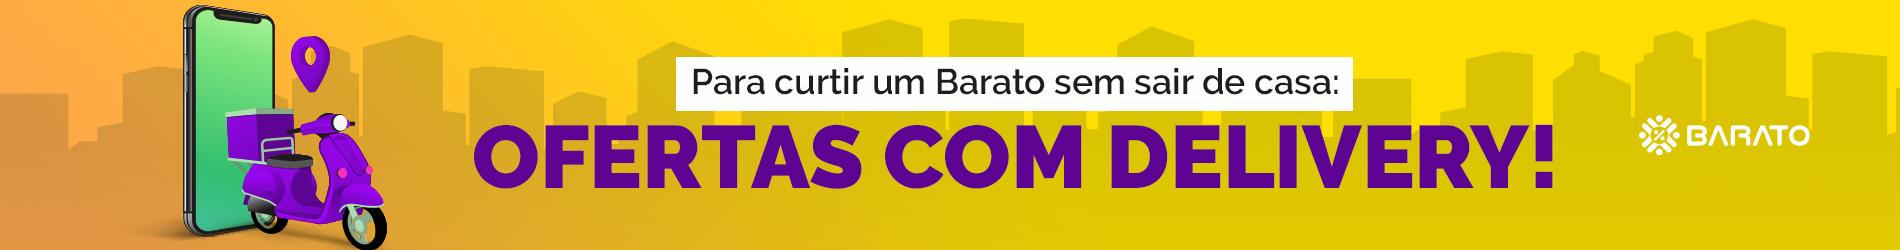 Delivery Barato!